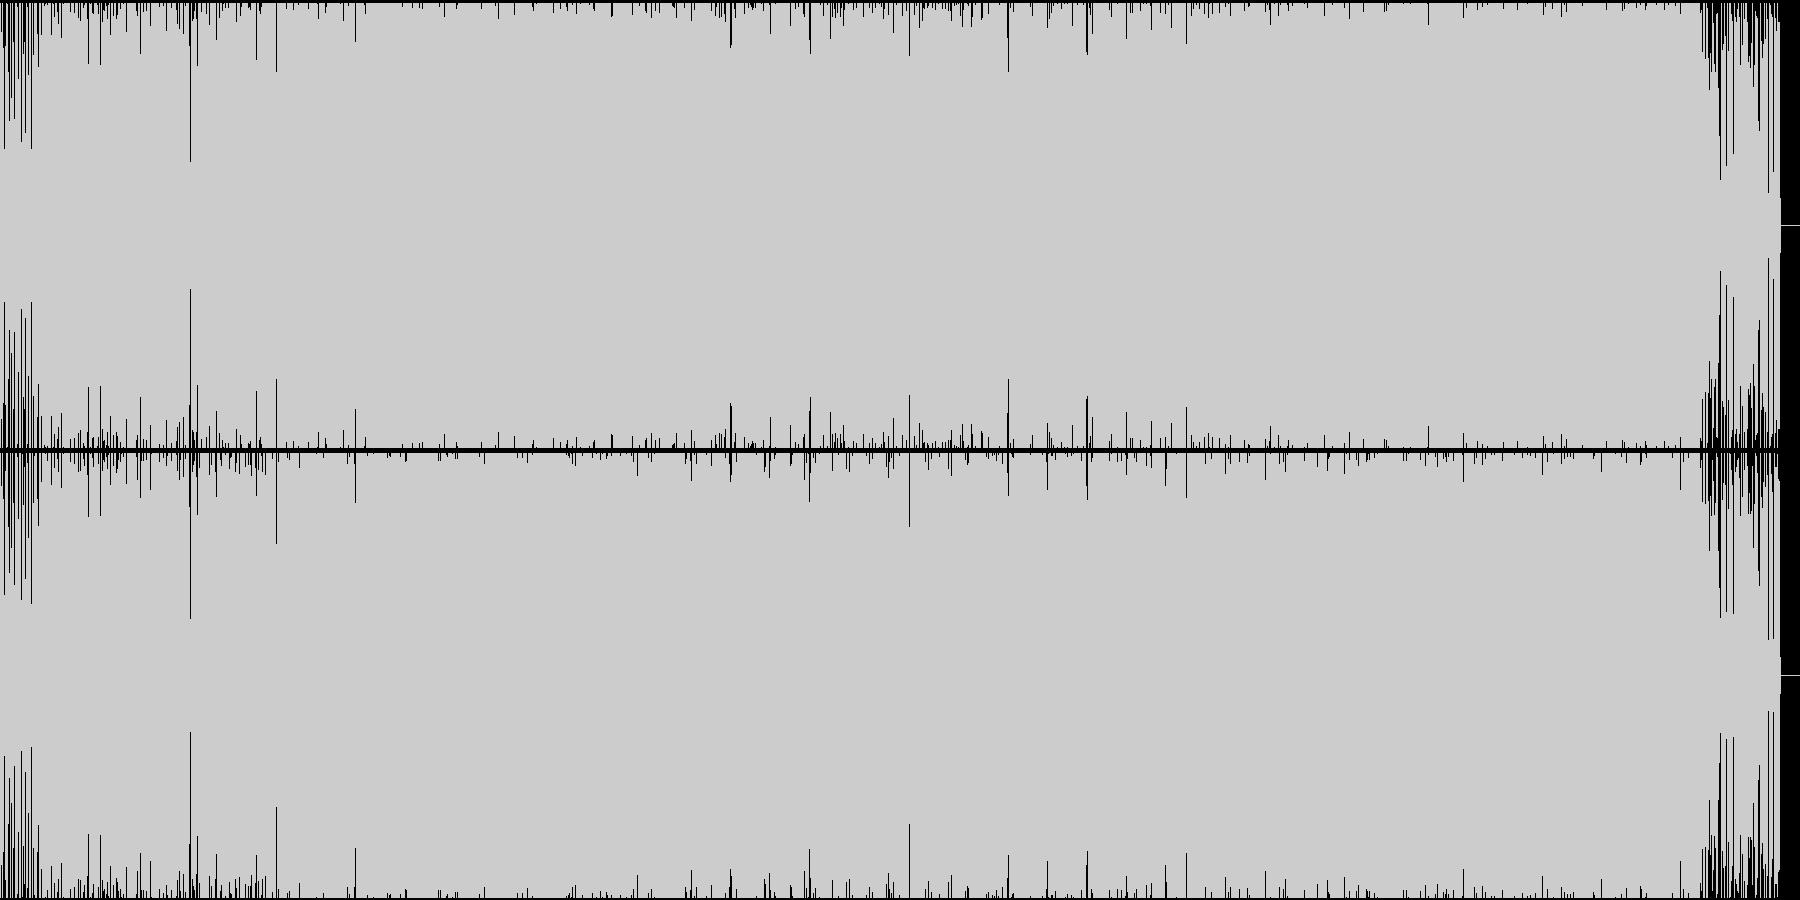 テンポの良い疾走感のあるビートの未再生の波形